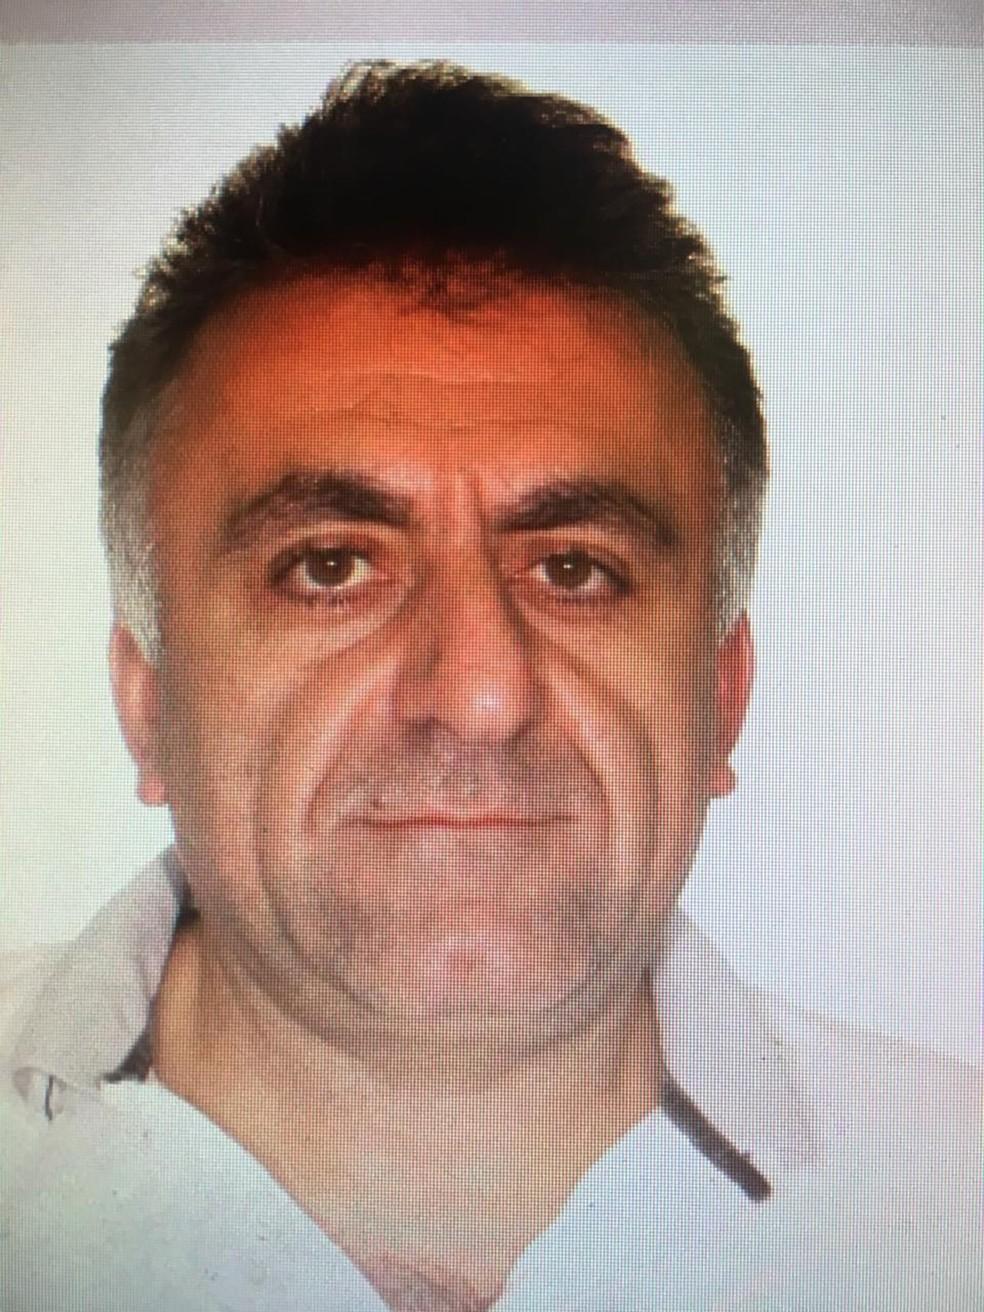 Joseph Nour Eddine Nasrallah, conhecido como Sheik, preso em Campinas (SP) nesta sexta-feira (18) — Foto: Divulgação